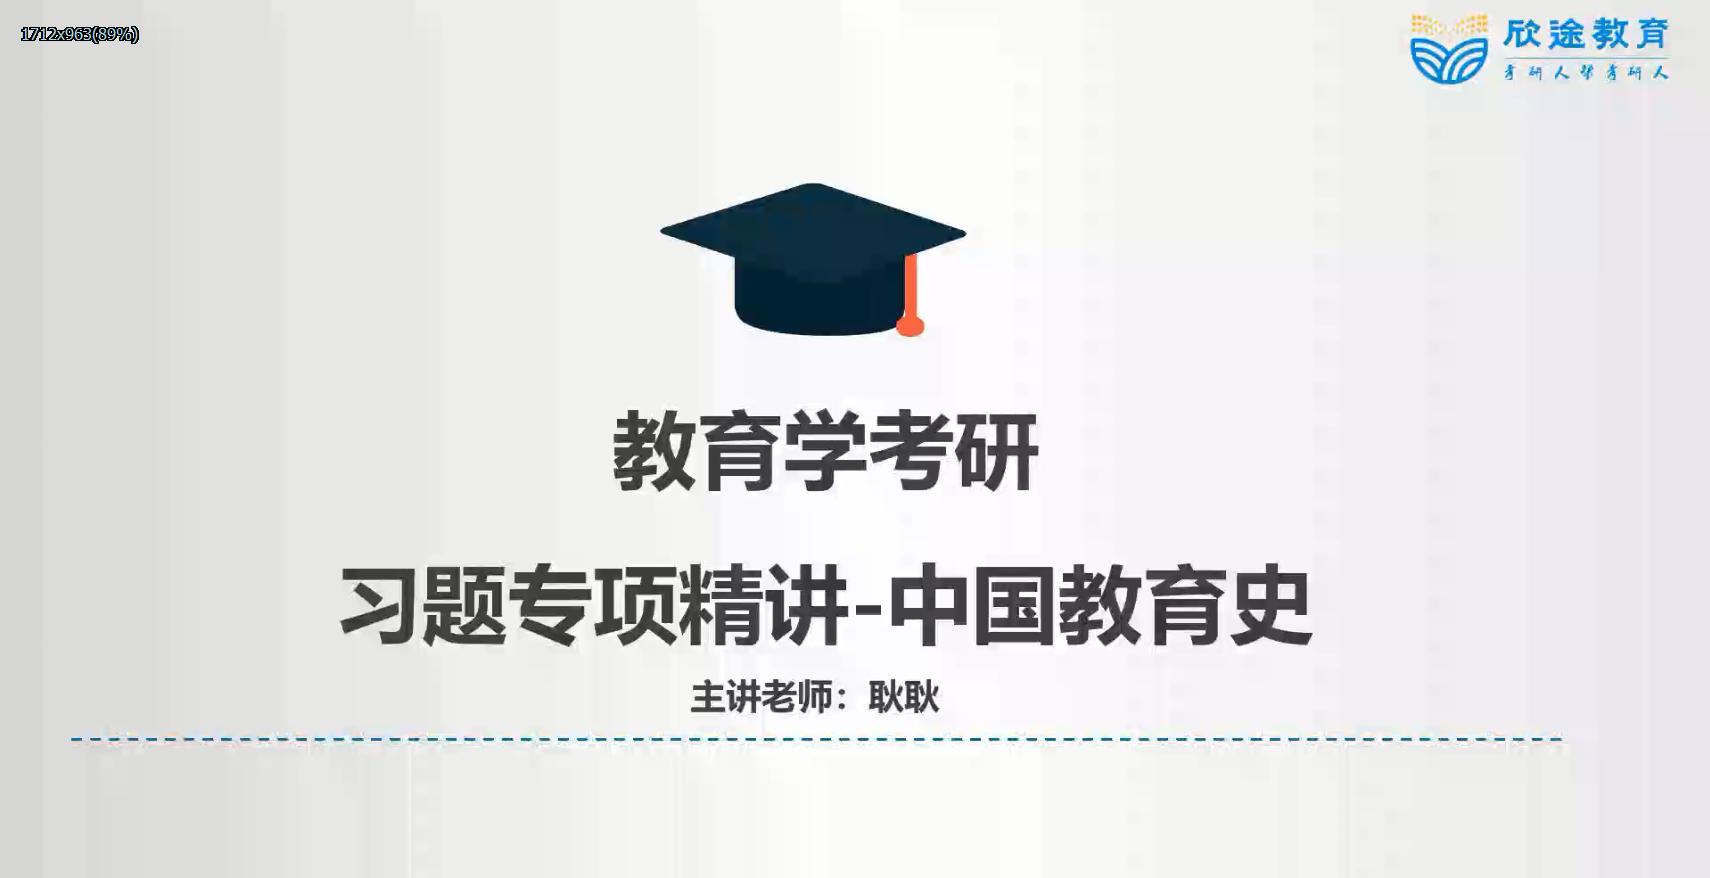 【2021教育学考研】欣途VIP专属课堂-习题专项精讲-中教史